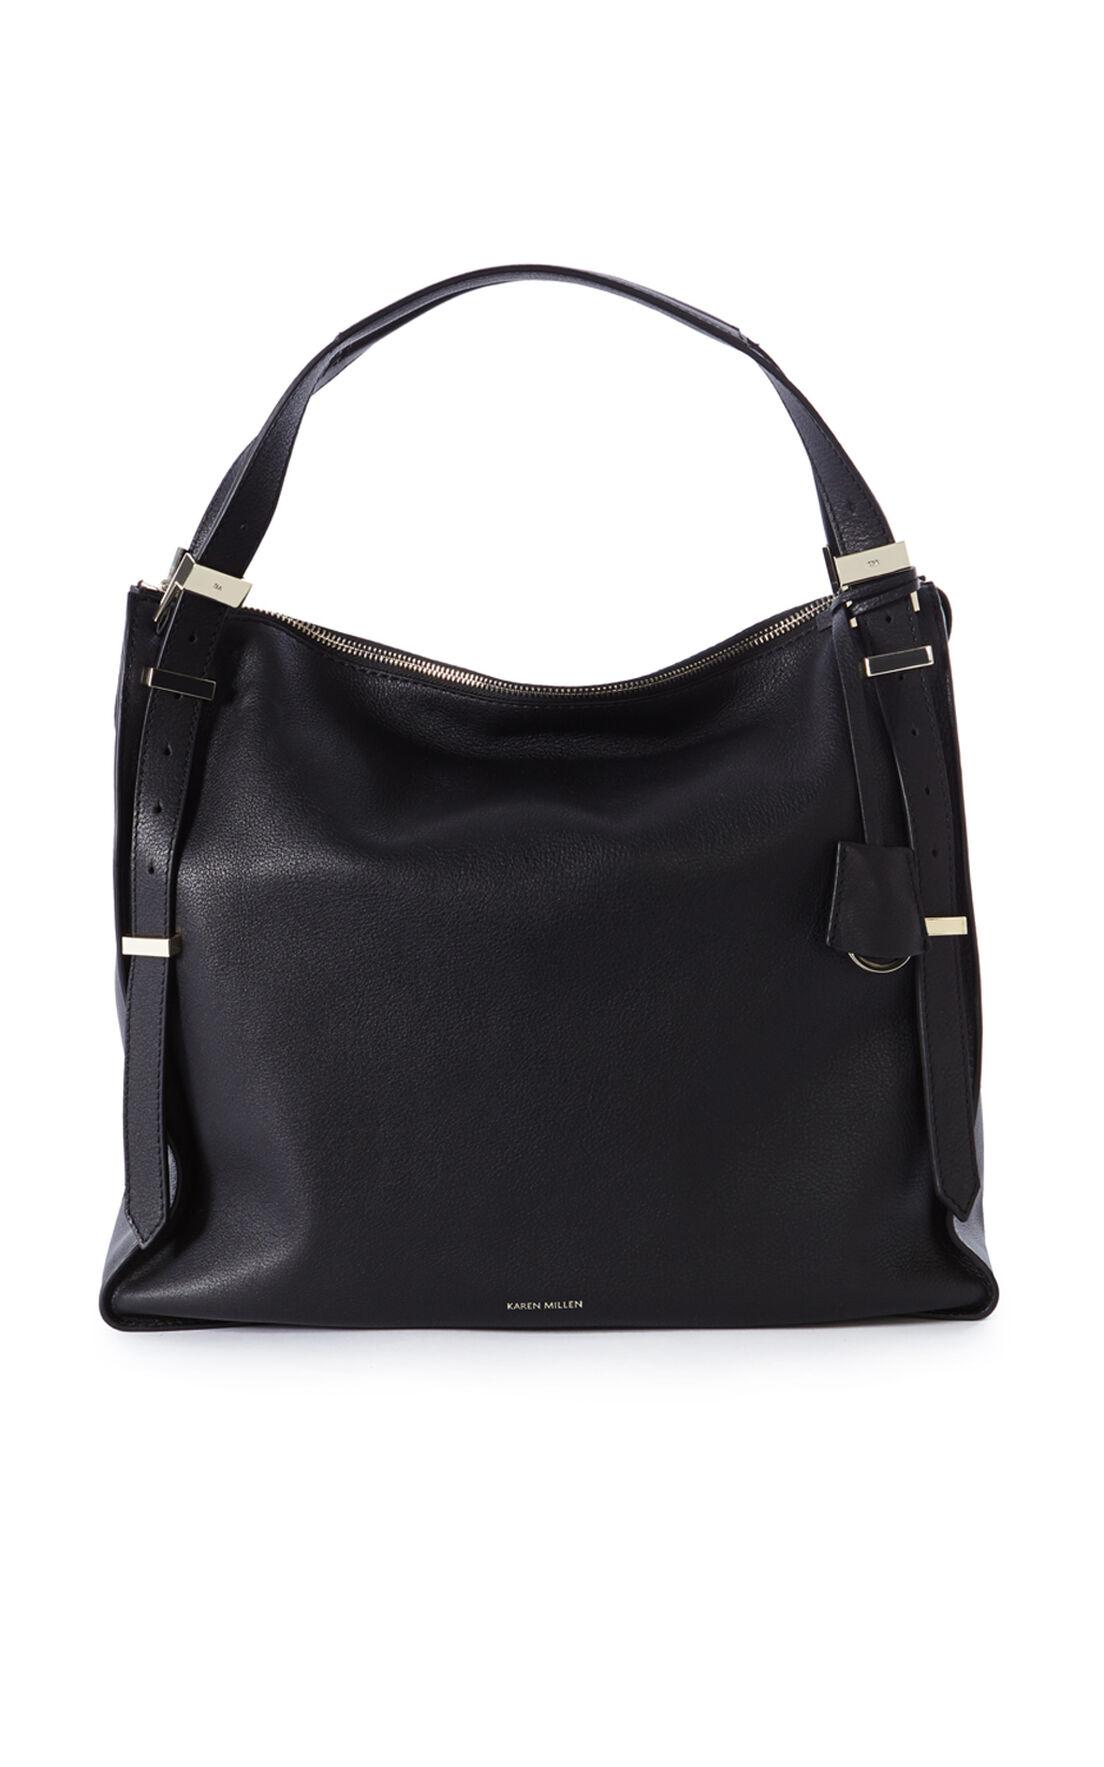 Karen Millen, LARGE LEATHER SLING BAG Black 0